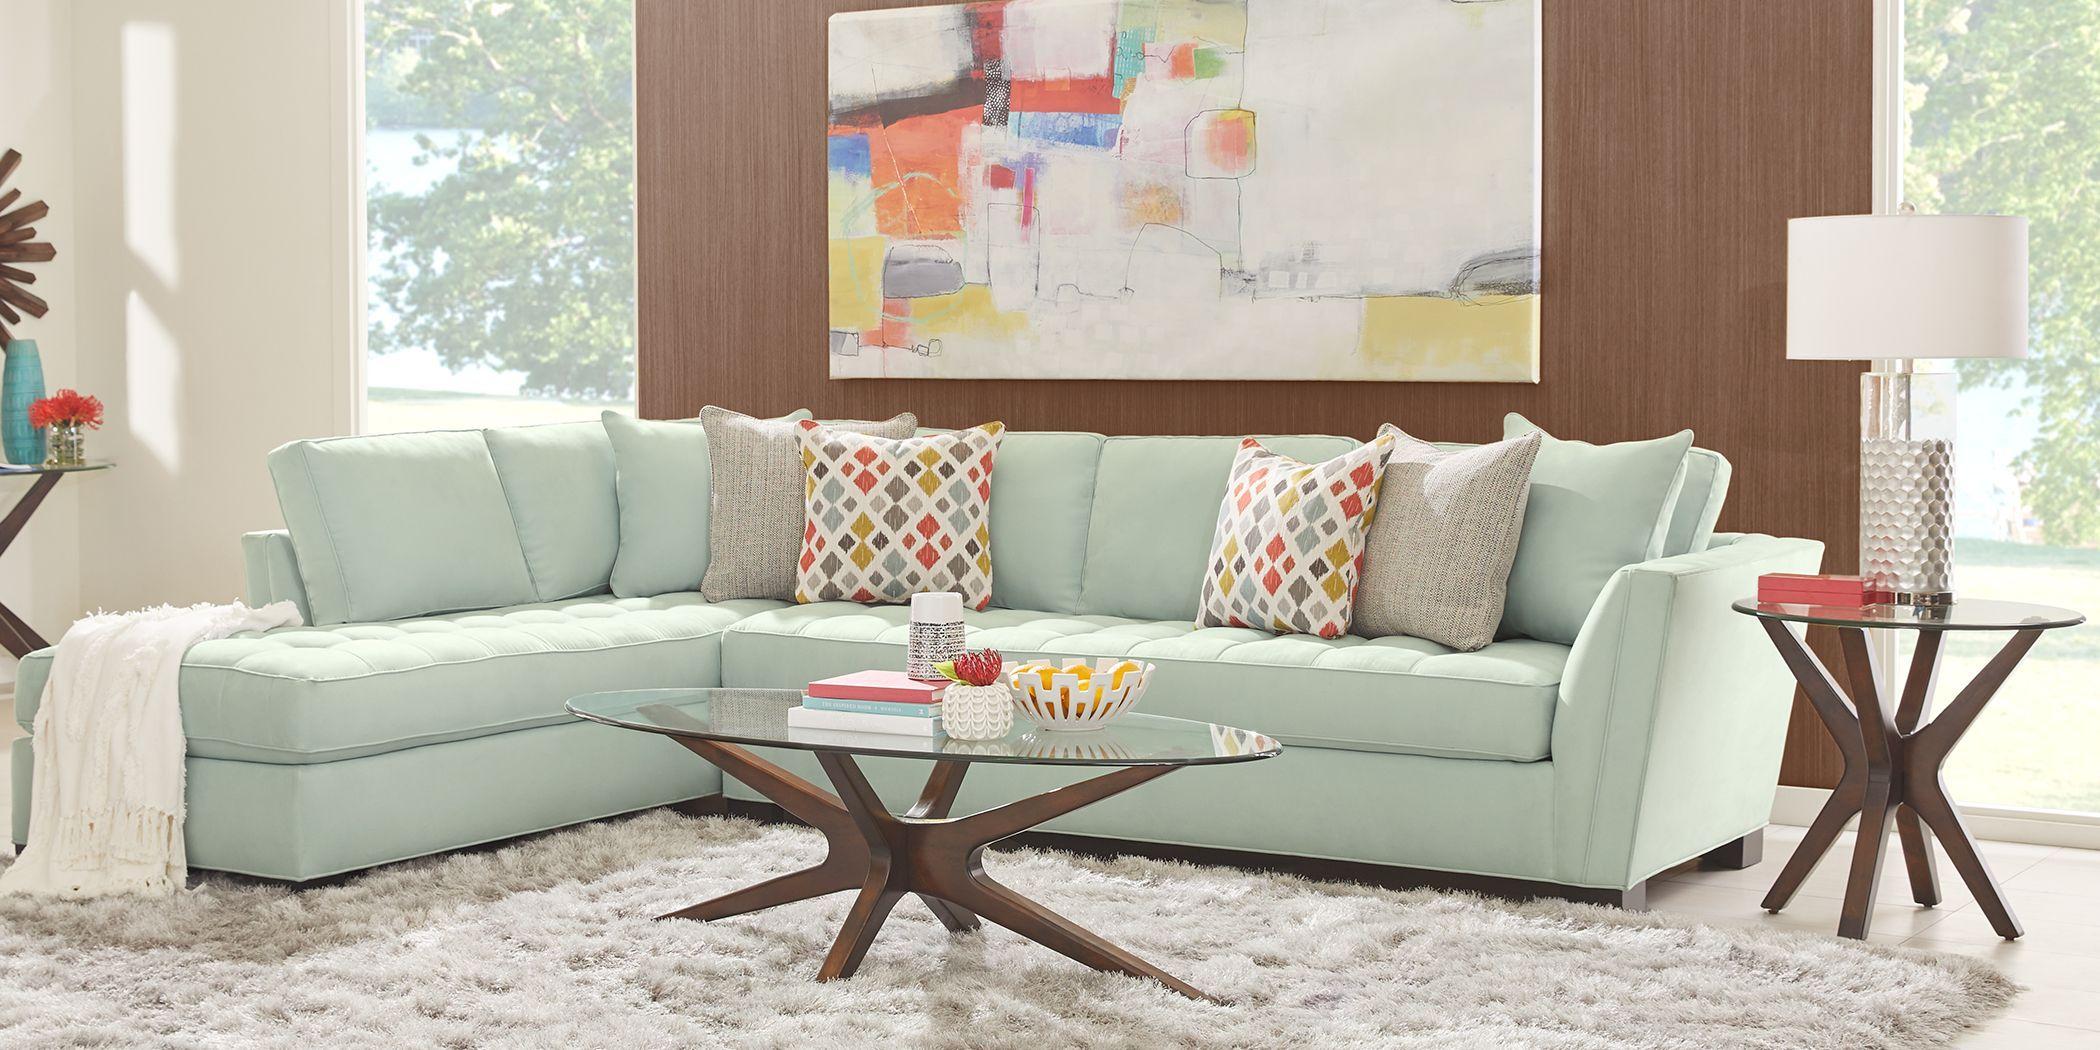 Living Room Furniture Sets For Sale Living Room Sets Furniture Furniture Living Room Sectional